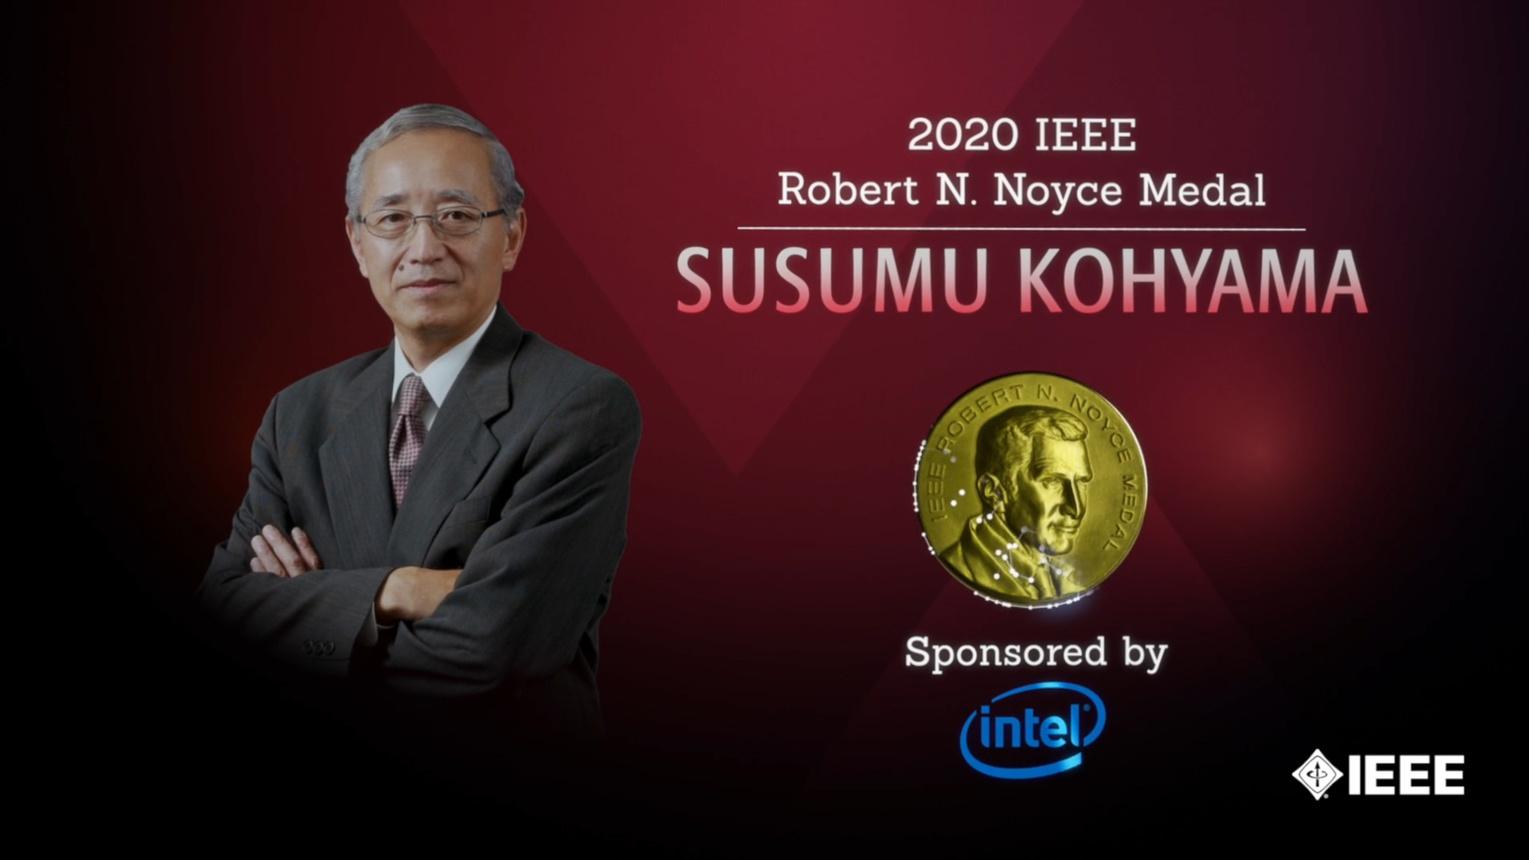 Honors 2020: Susumu Kohyama Wins the IEEE Robert N. Noyce Medal